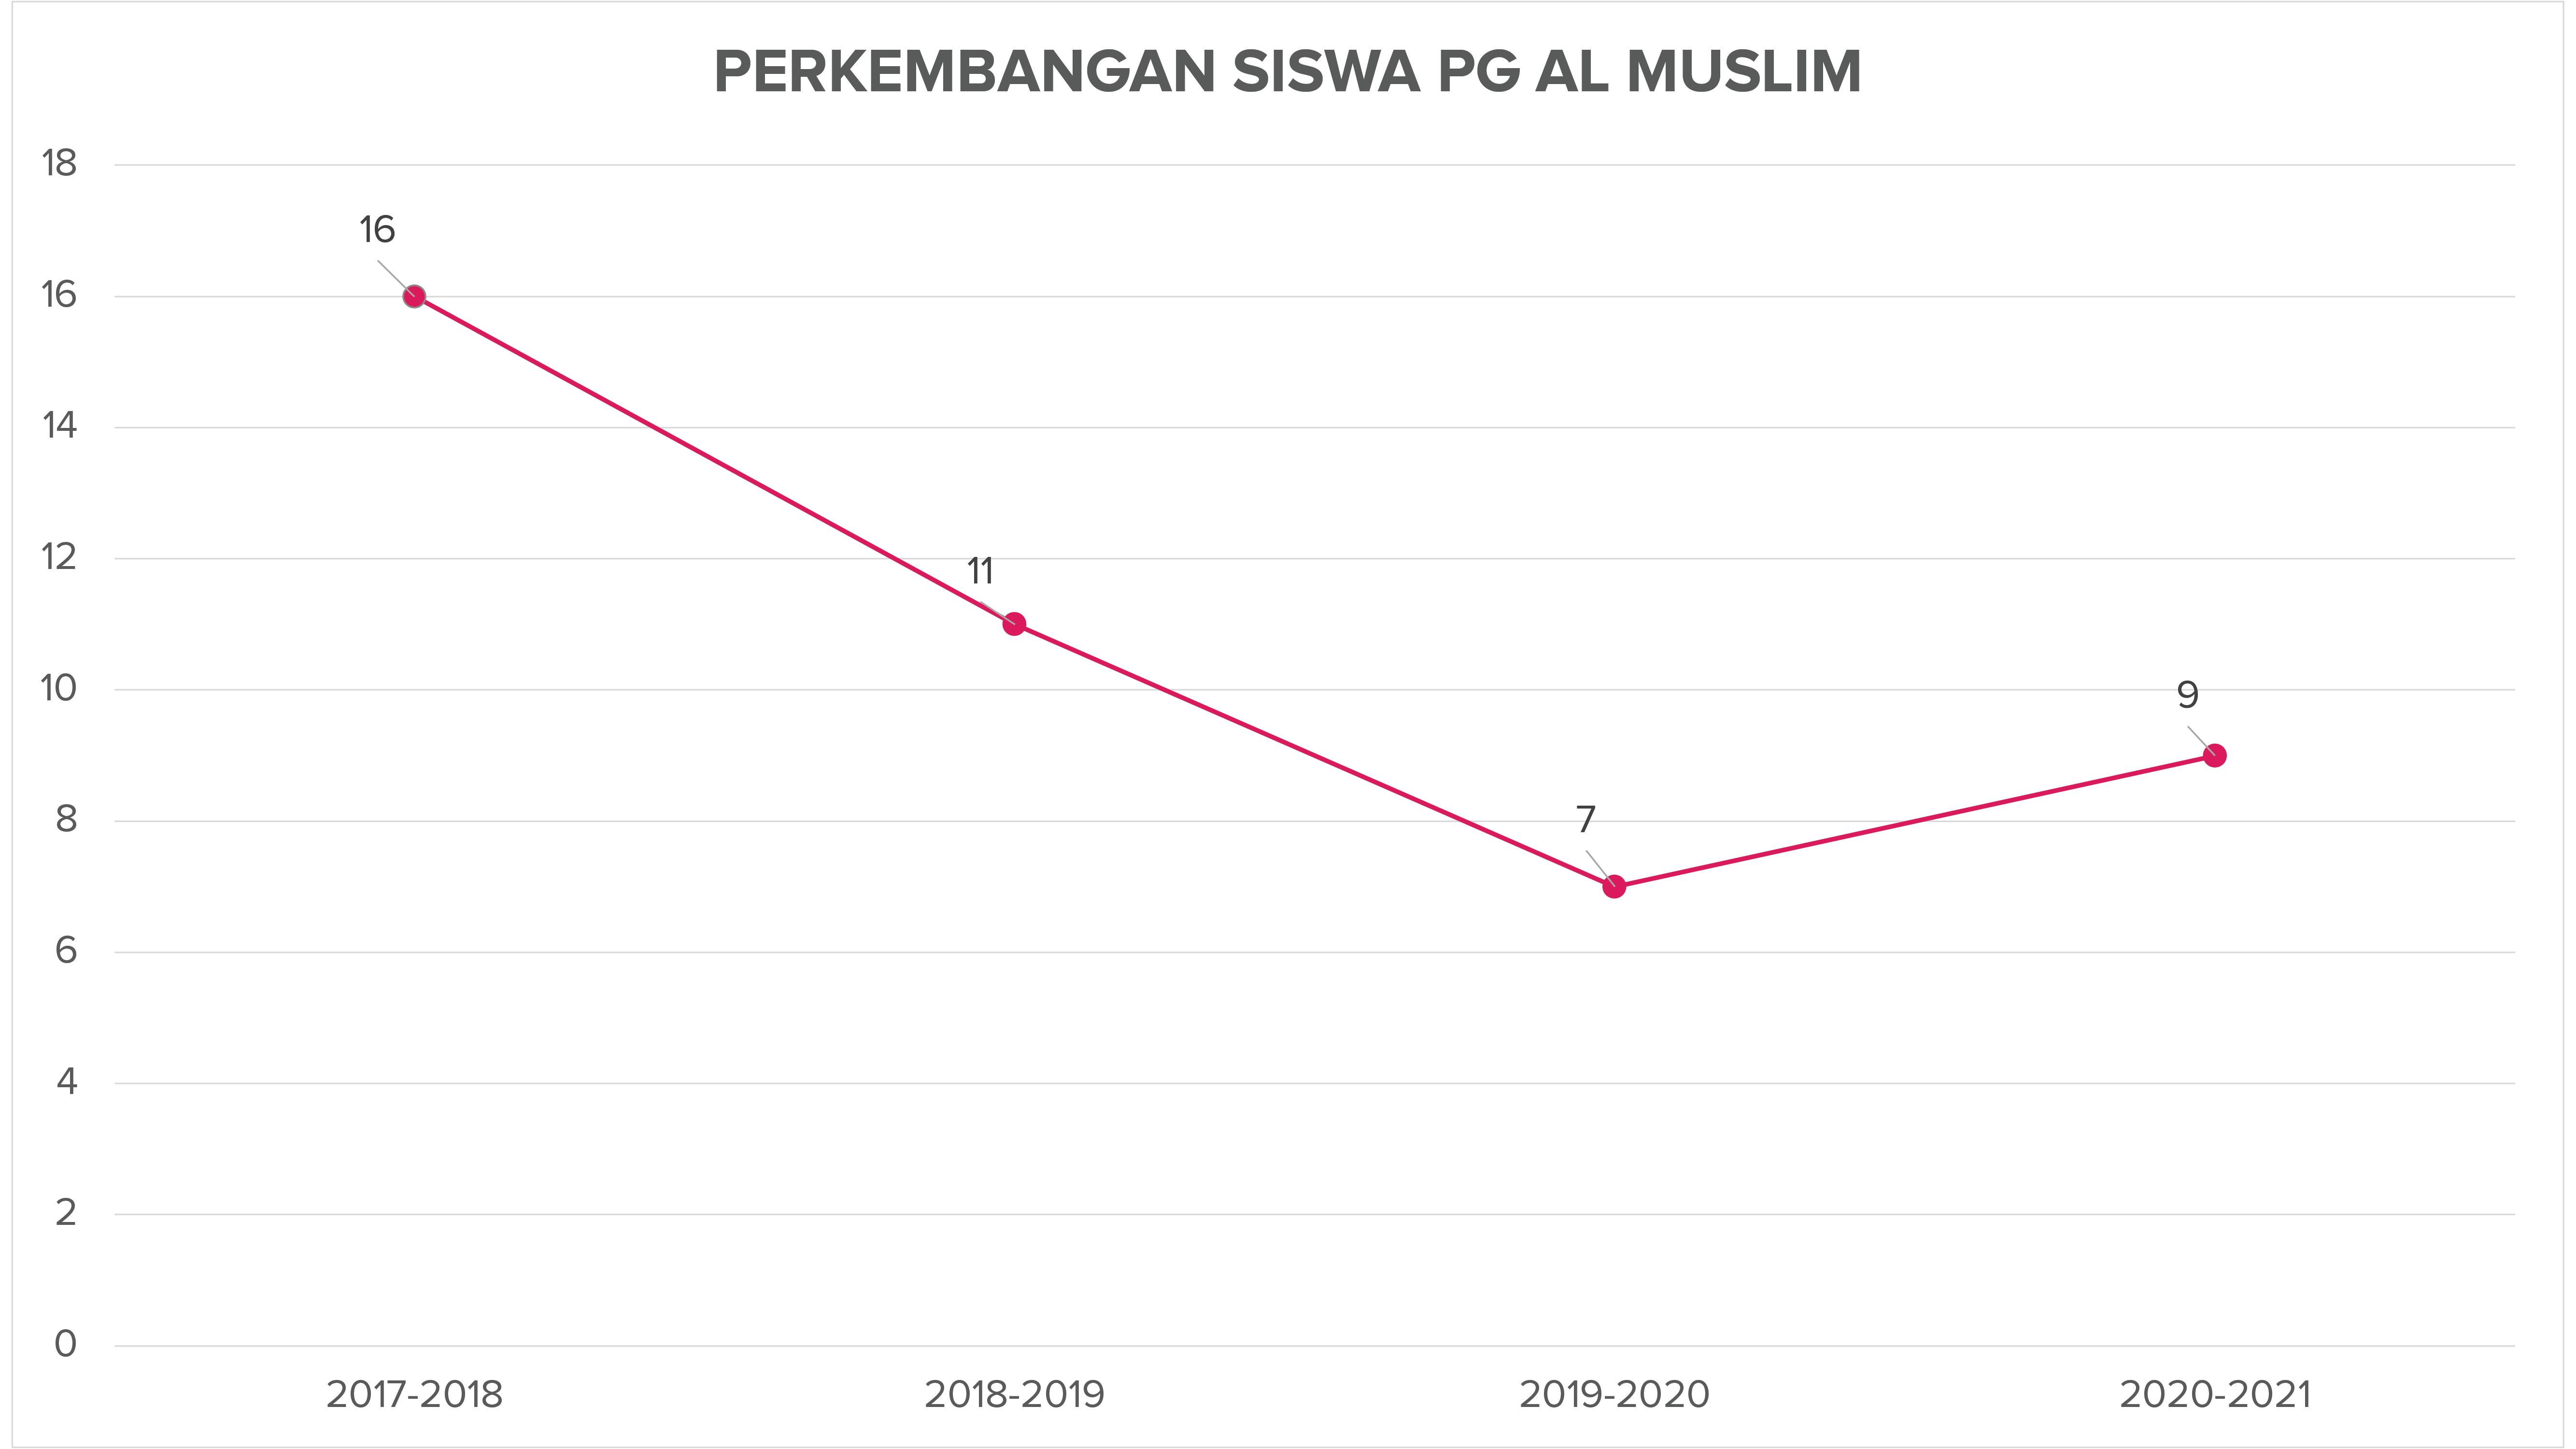 Perkembangan Siswa PG Al Muslim